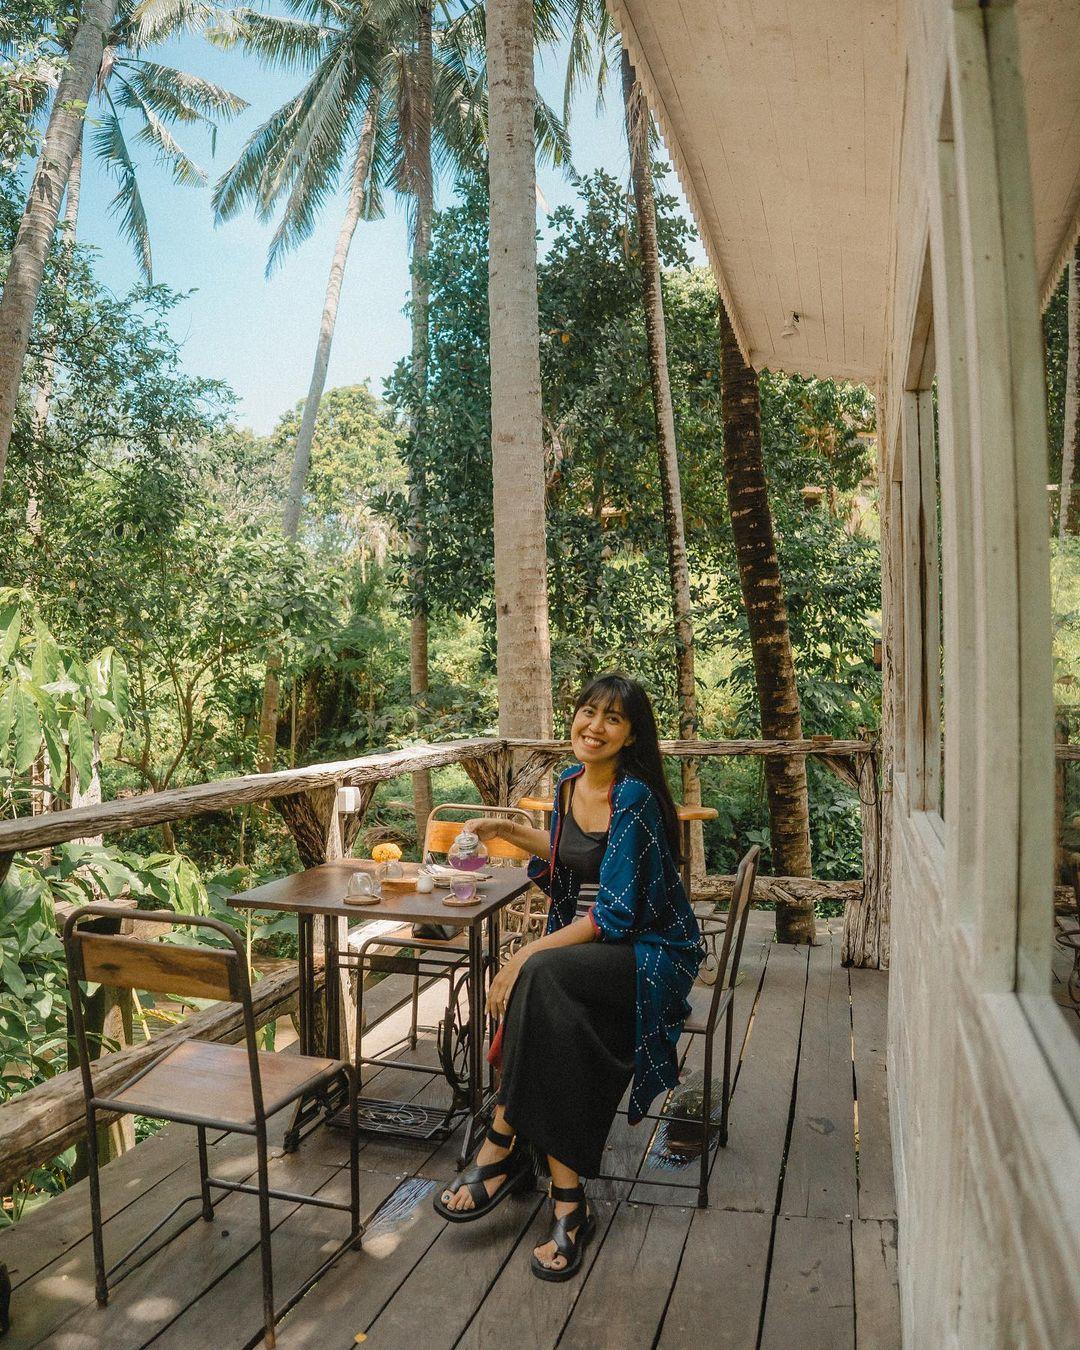 Bersantai Di Cafe Lusi Pakan By The River Bali Image From @kadekarini